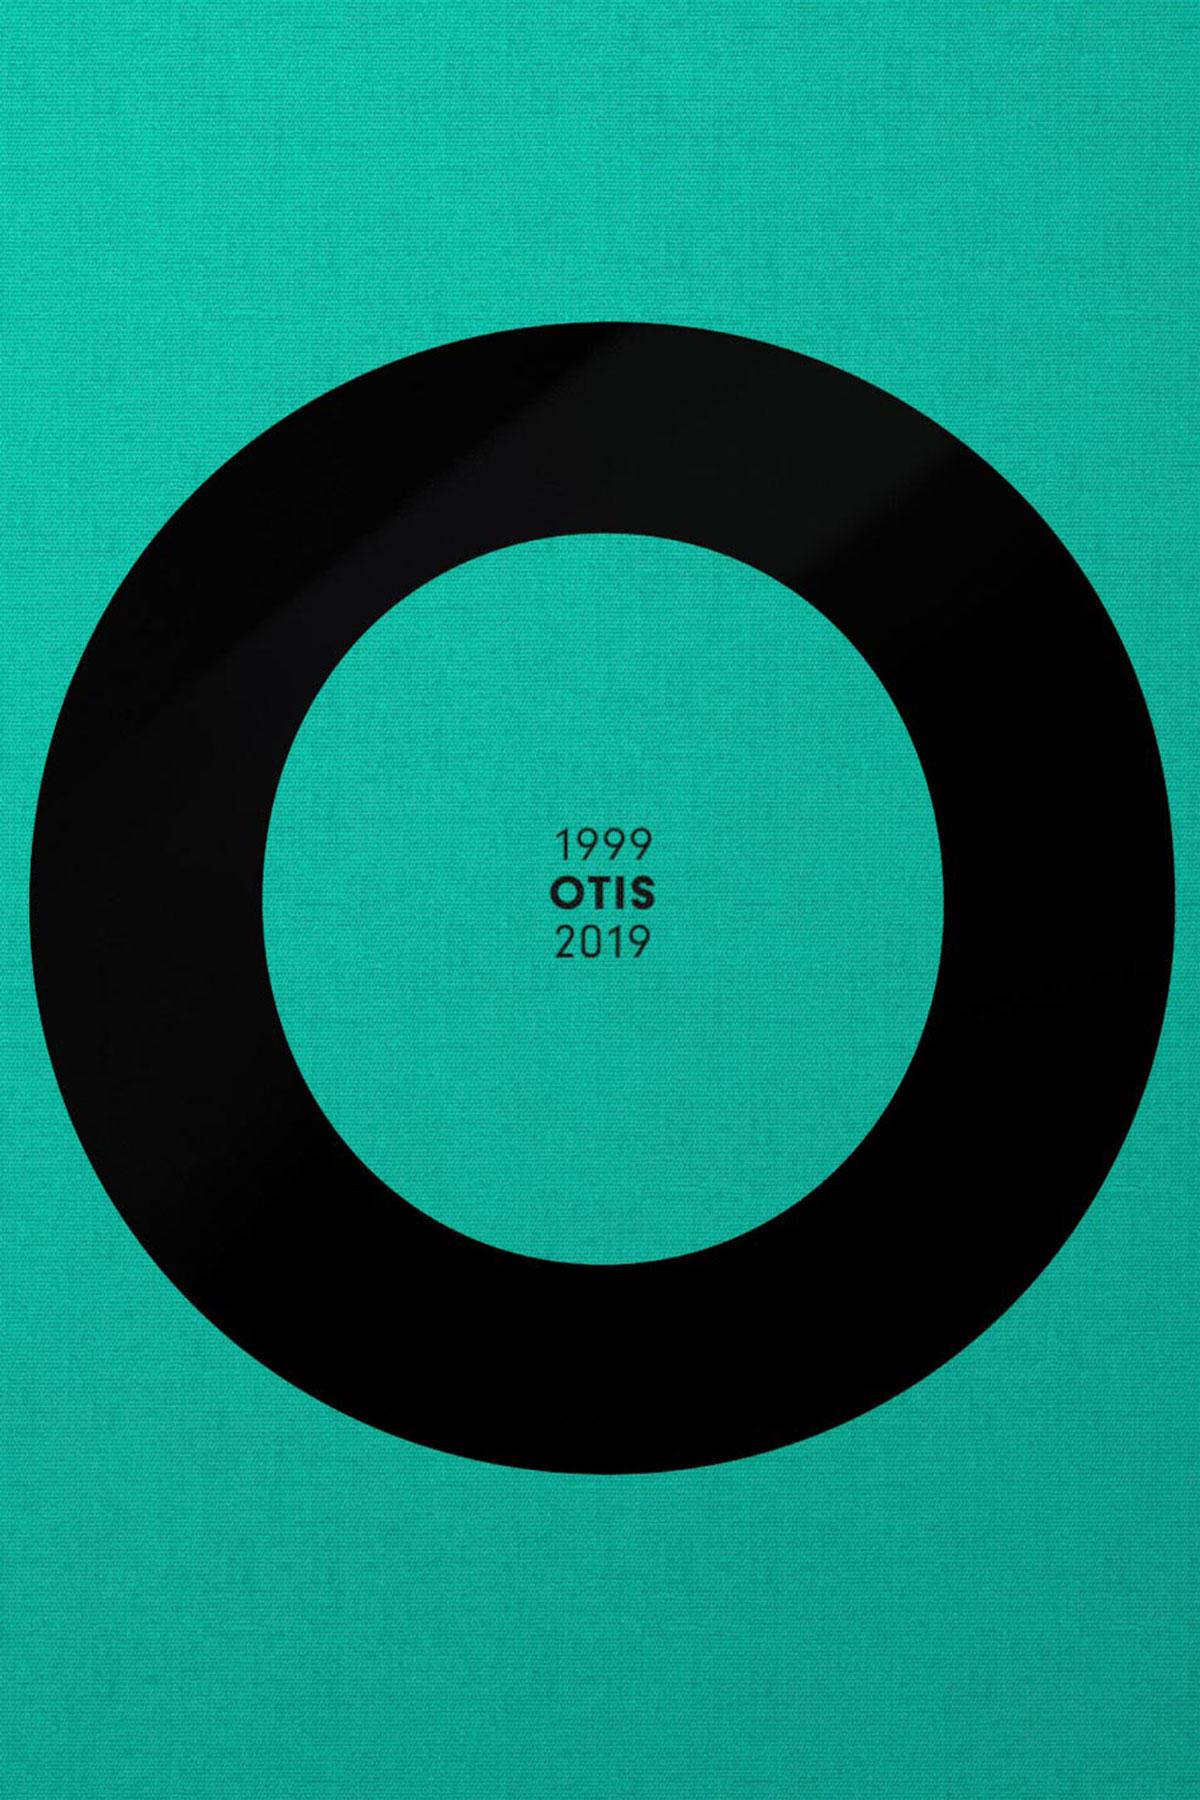 OTIS 1999-2019 di Urban Media